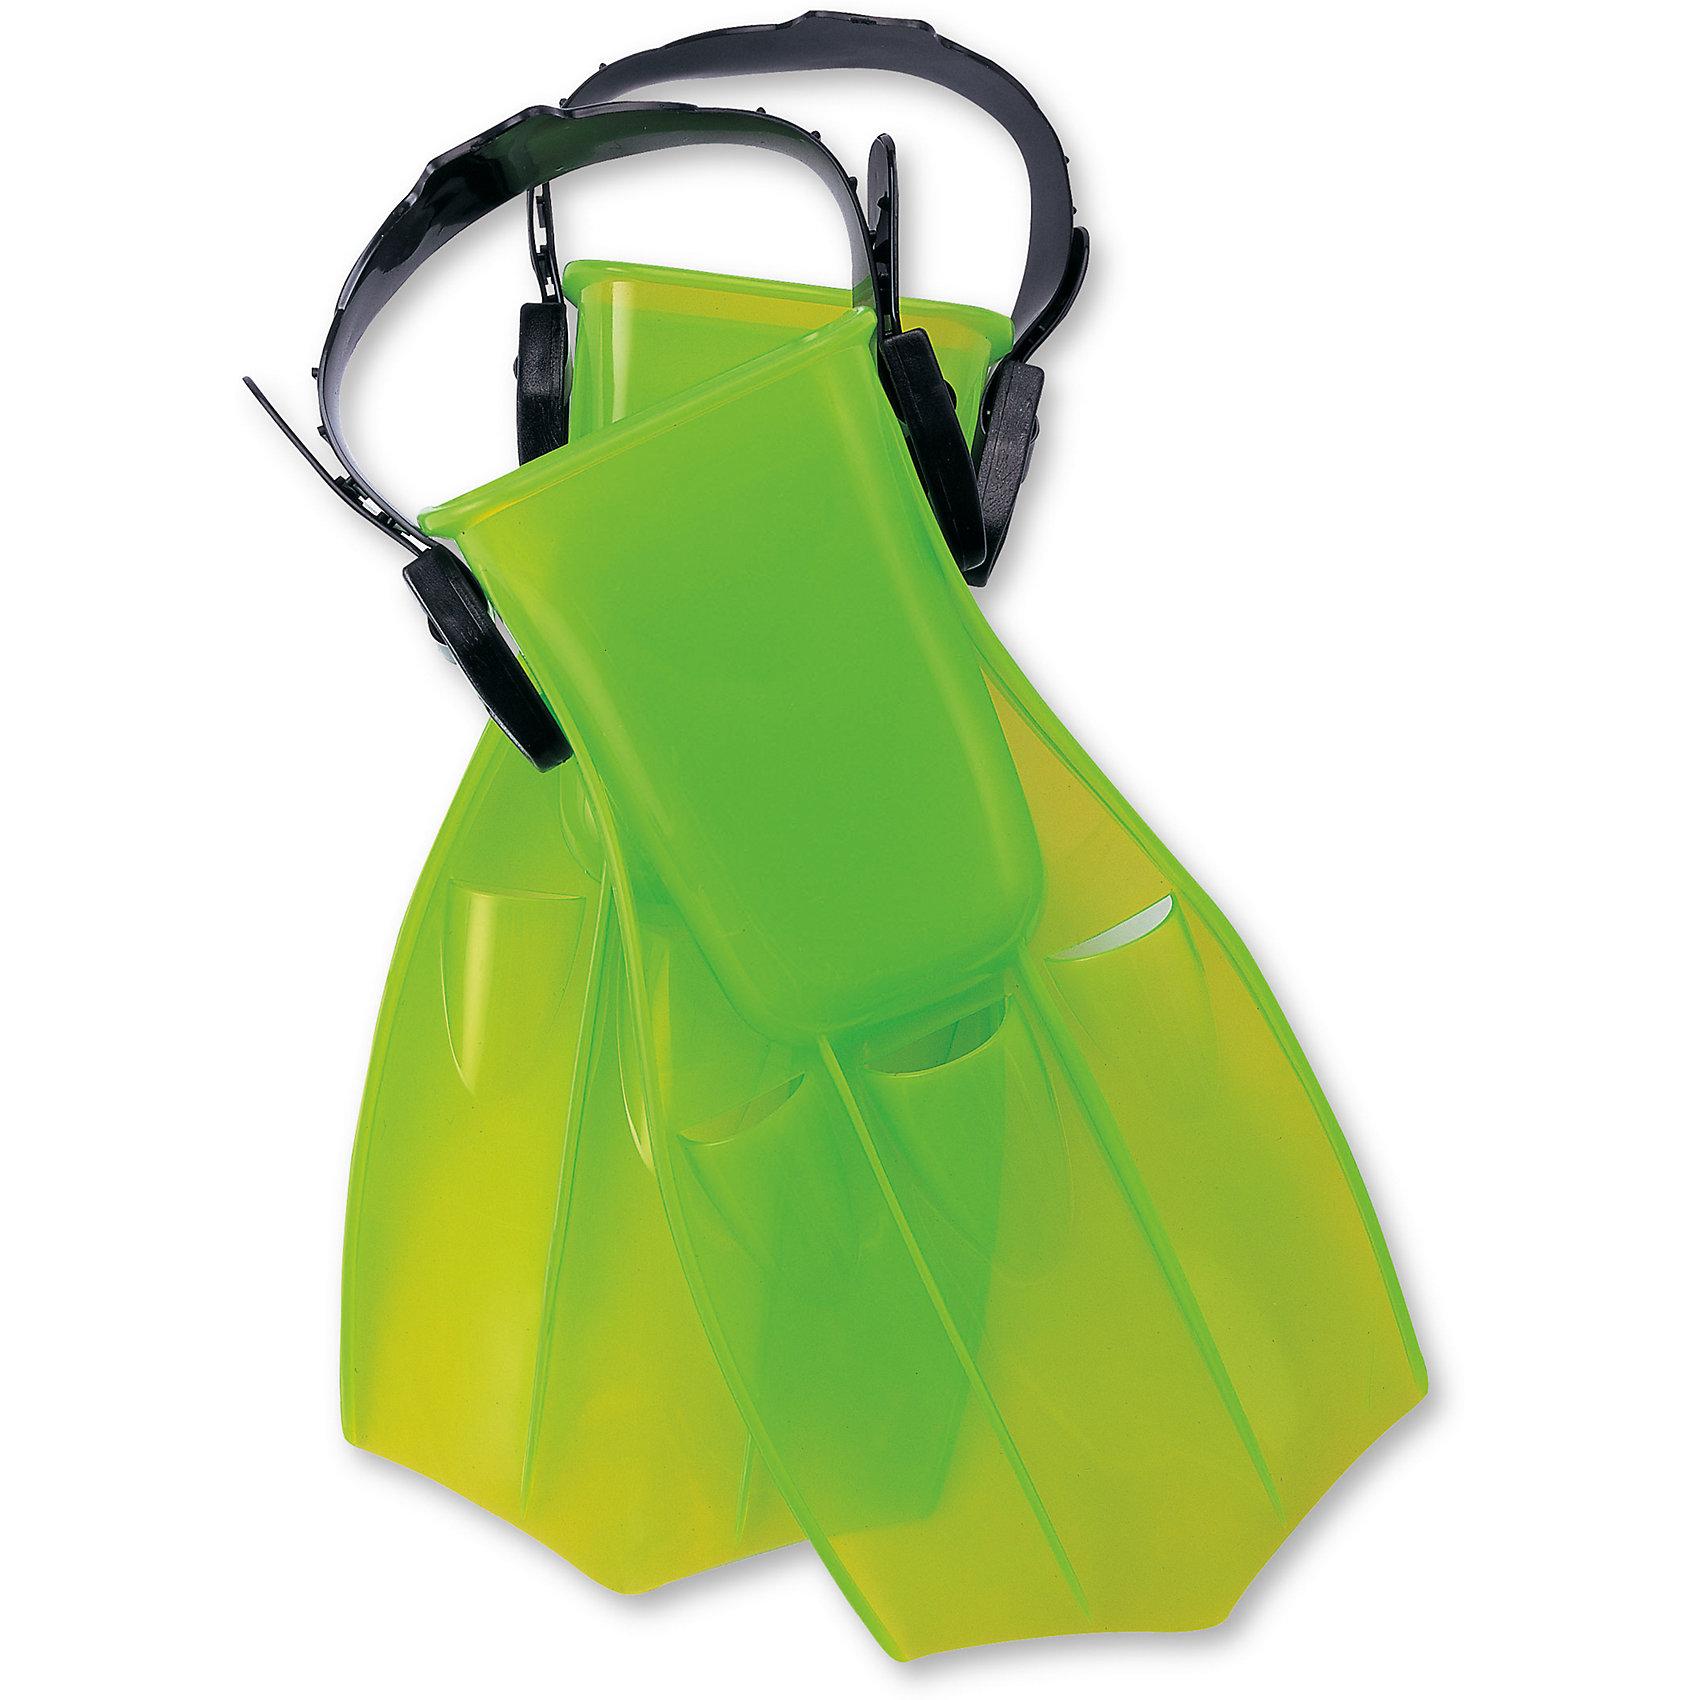 Ласты для плавания Ocean Diver детские, р-р 34-38,  BestwayЛасты для плавания Ocean Diver, Bestway - отличный вариант для активного отдыха и увлекательных исследований подводного мира. Плавание в ластах позволяет улучшить положение тела в воде, увеличить скорость, силу ног и гибкость суставов. Ласты Ocean Diver фиксируются с помощью крепёжного ремешка на пятке, который позволяет регулировать размер от 34 до 38. <br><br>Дополнительная информация:<br><br>- Материал: винил.<br>- Размер: 34-38.<br>- Размер упаковки: 41,5 х 21 х 7,9 см.<br>- Вес: 0,358 кг.<br><br>Ласты для плавания Ocean Diver детские, Bestway (Бествей) можно купить в нашем интернет-магазине.<br><br>Ширина мм: 415<br>Глубина мм: 210<br>Высота мм: 79<br>Вес г: 358<br>Возраст от месяцев: 36<br>Возраст до месяцев: 72<br>Пол: Унисекс<br>Возраст: Детский<br>SKU: 4051646